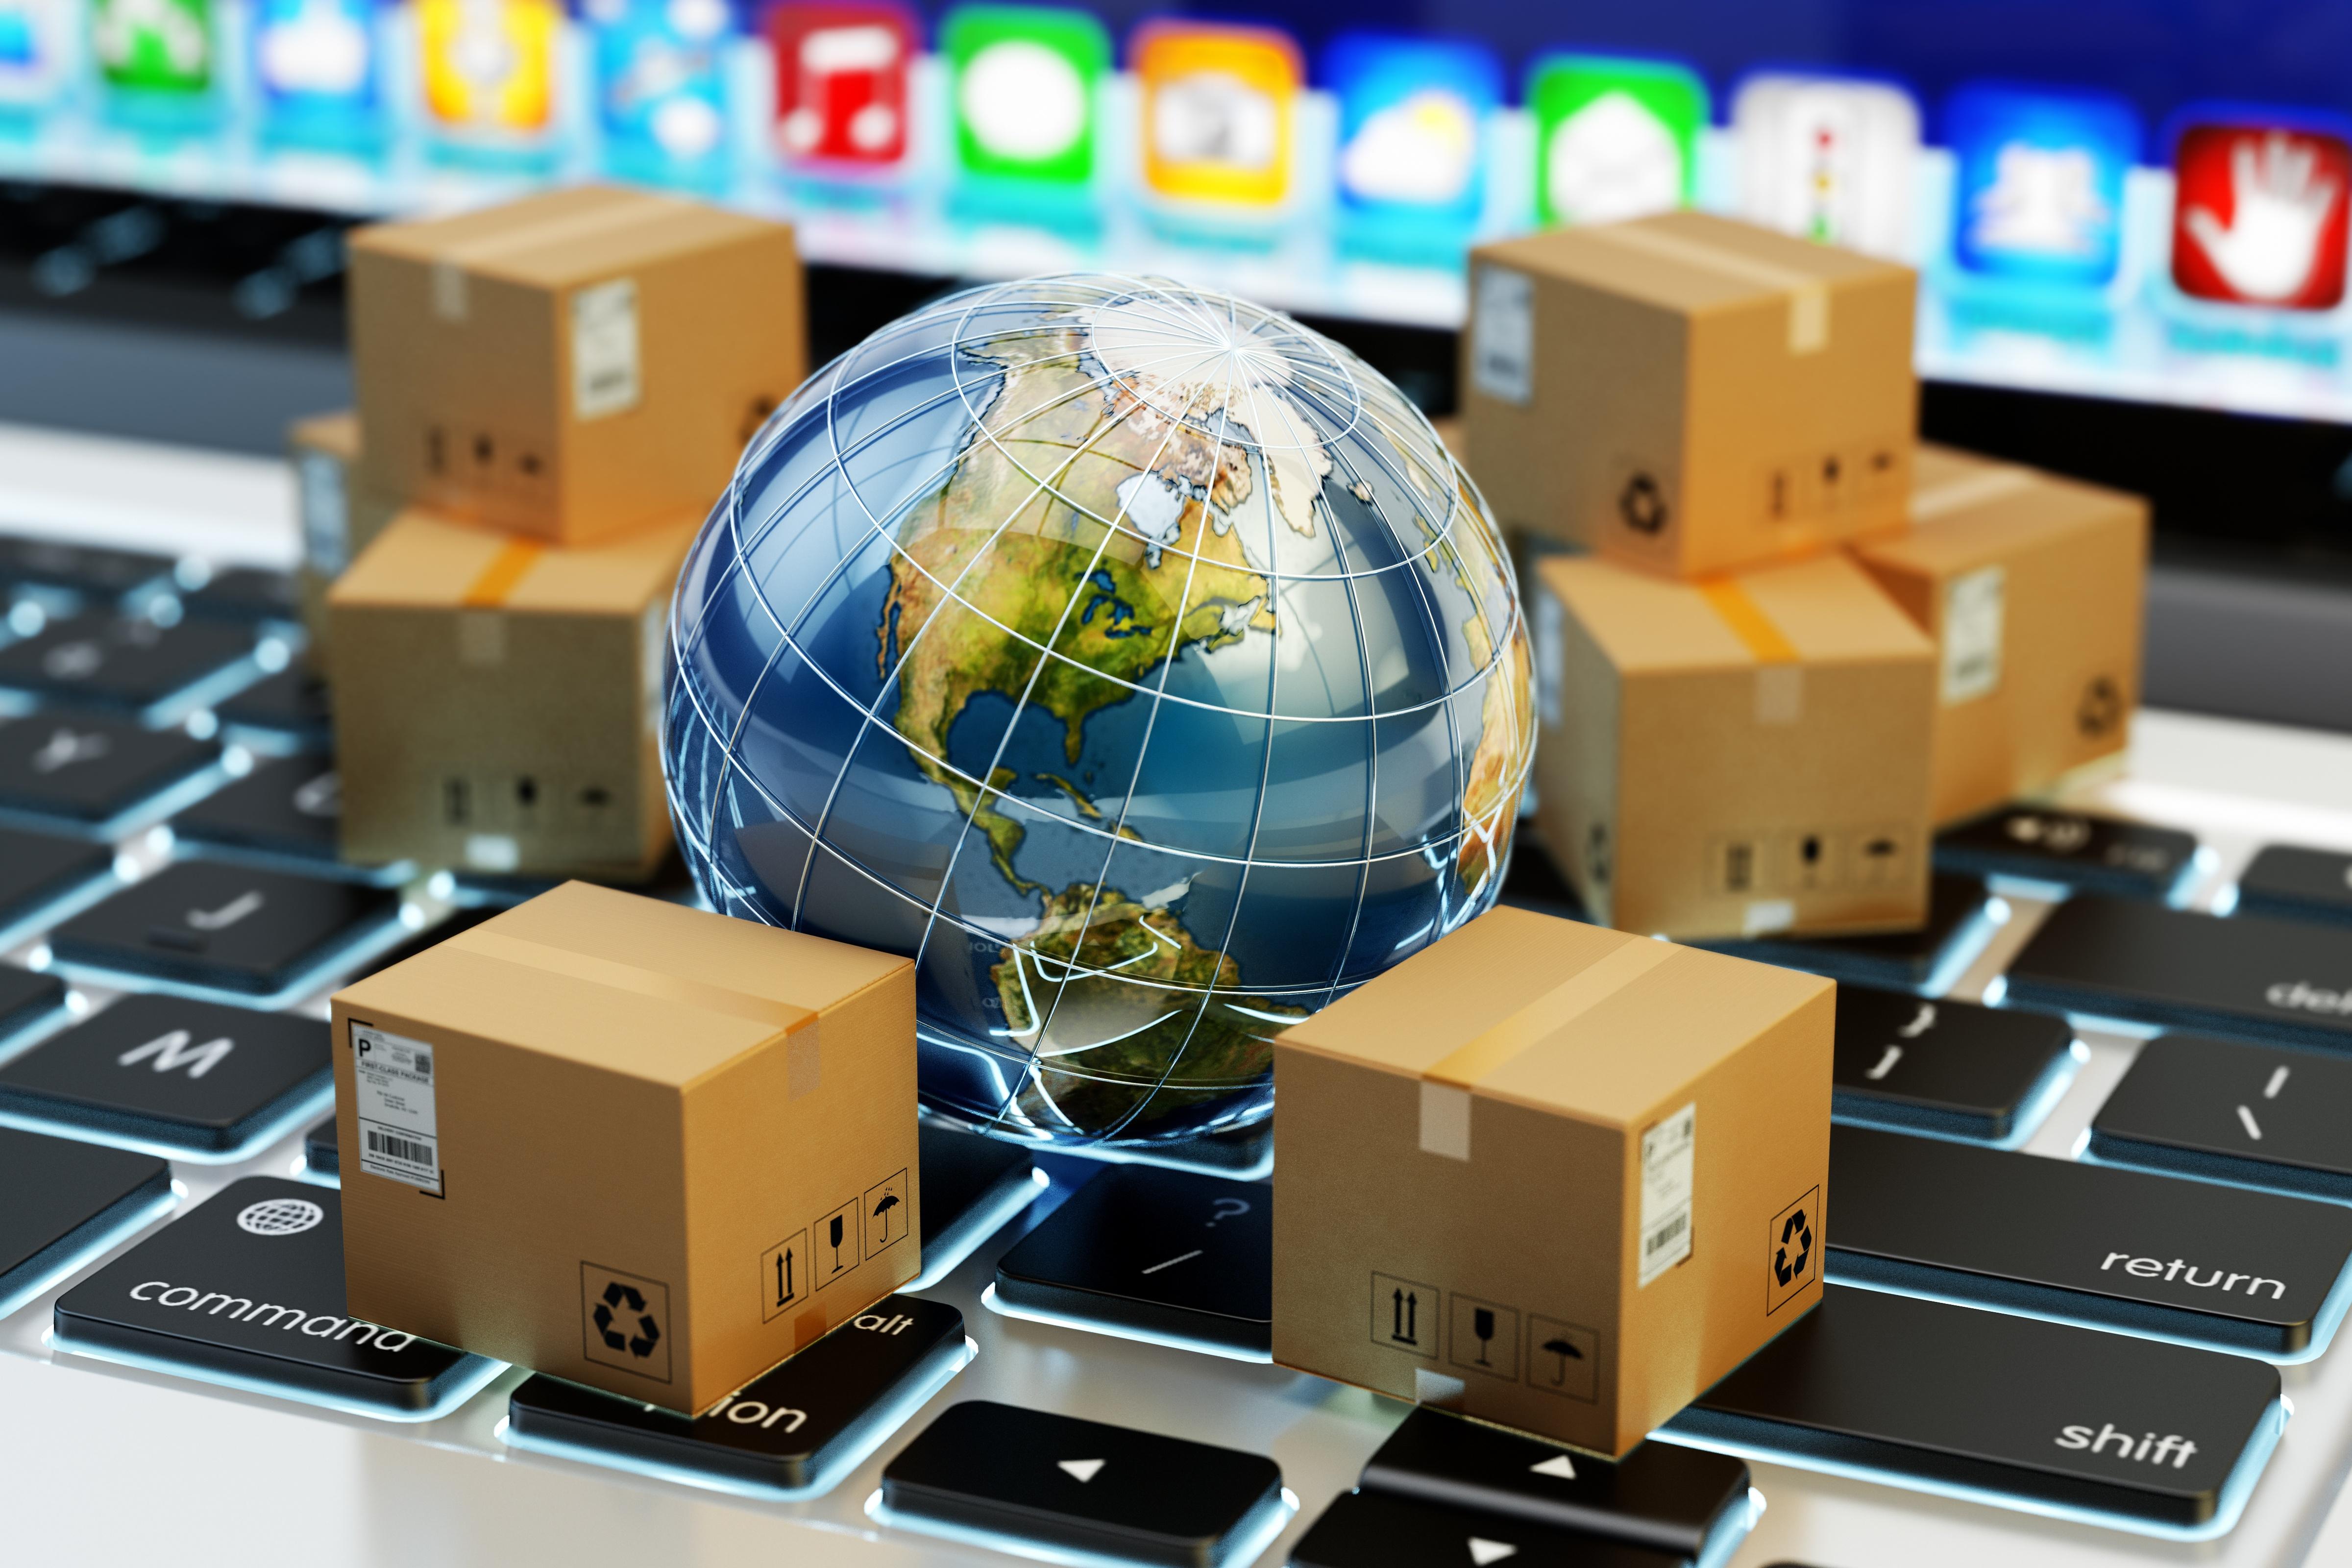 La logística ecommerce, más allá de la gestión del negocio online